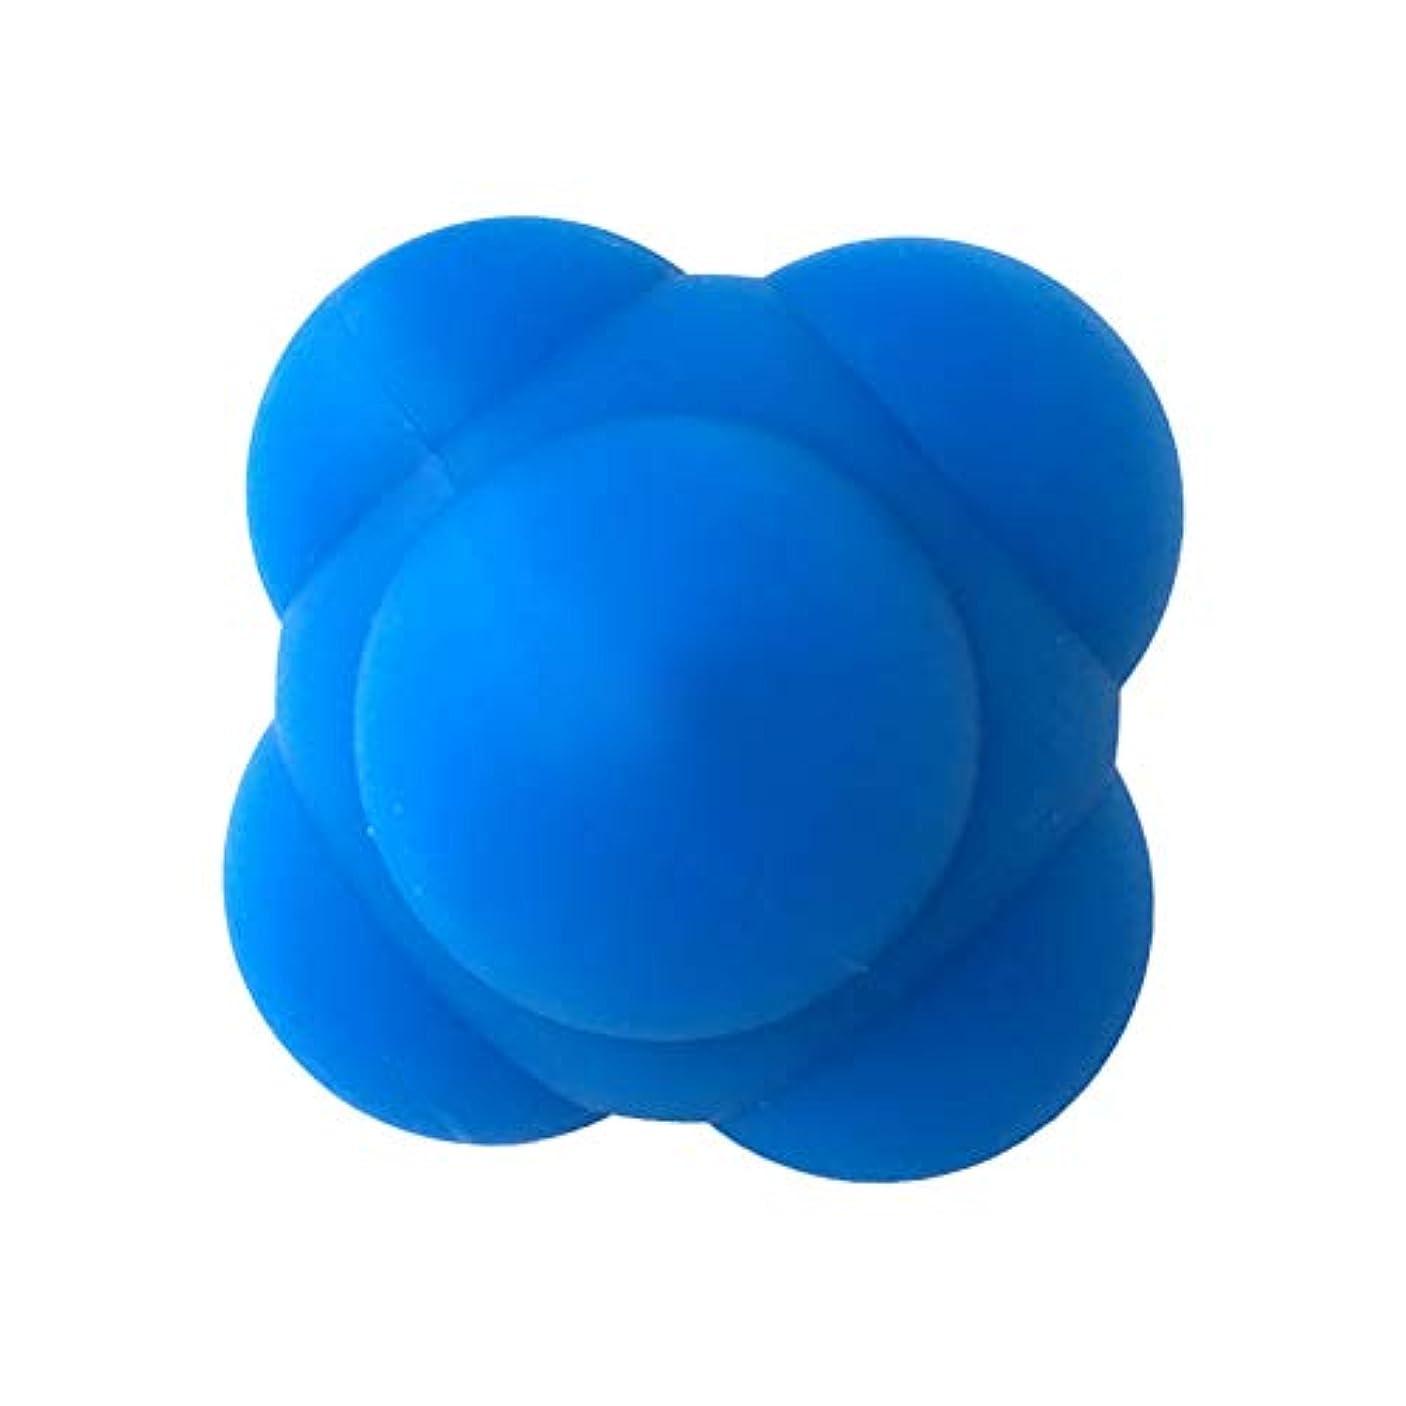 同意する地上のコストHealifty 敏捷性とスピードのためのリアクションボールハンドアイコーディネーションブルー